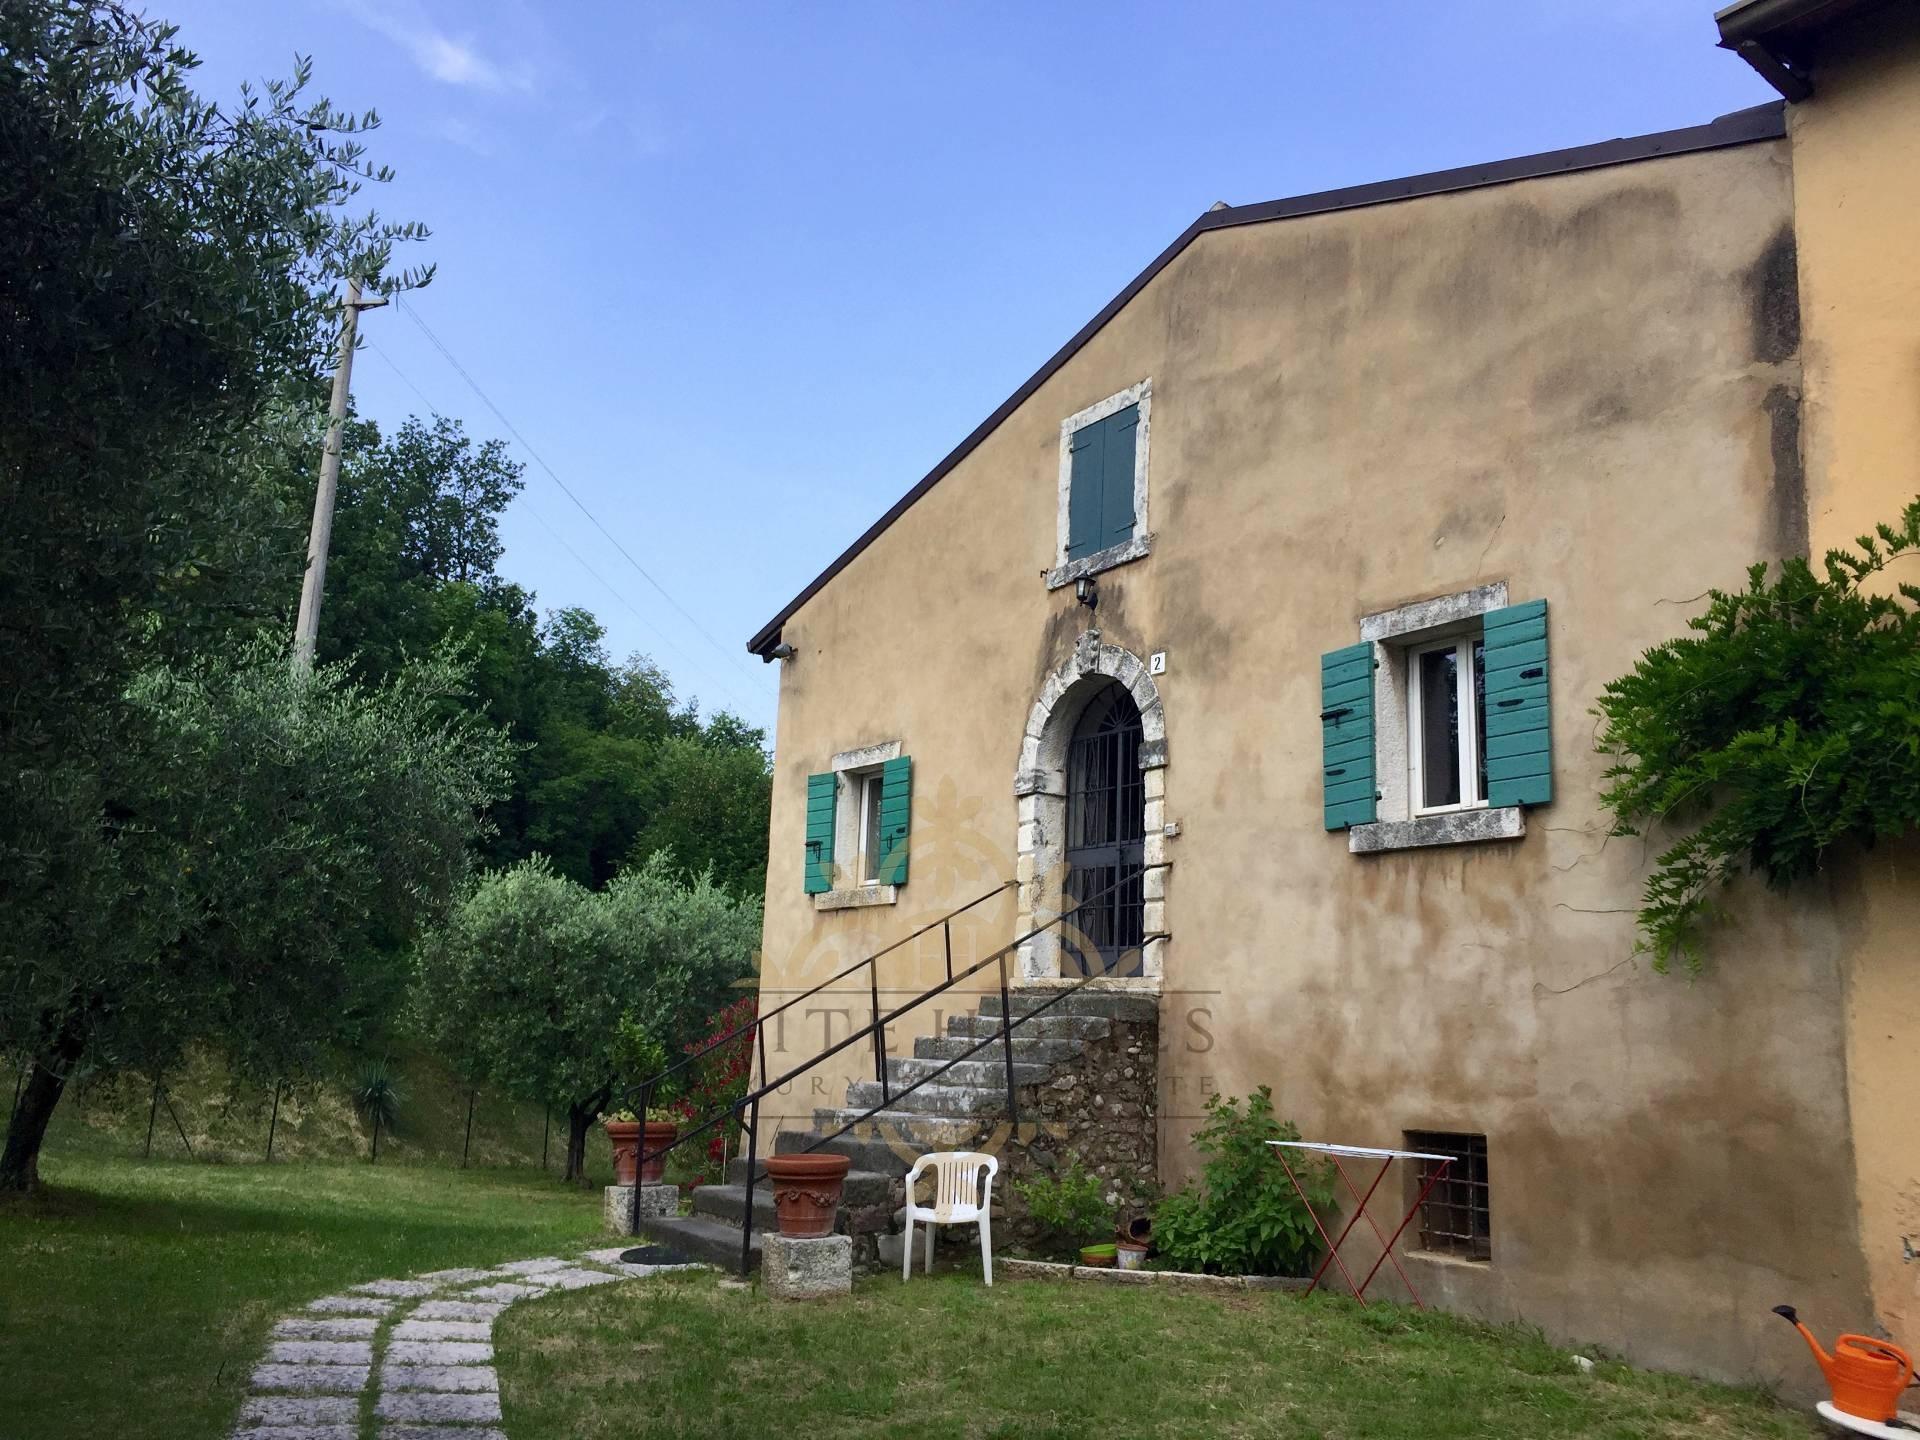 Rustico / Casale in affitto a Lazise, 7 locali, prezzo € 1.800 | CambioCasa.it